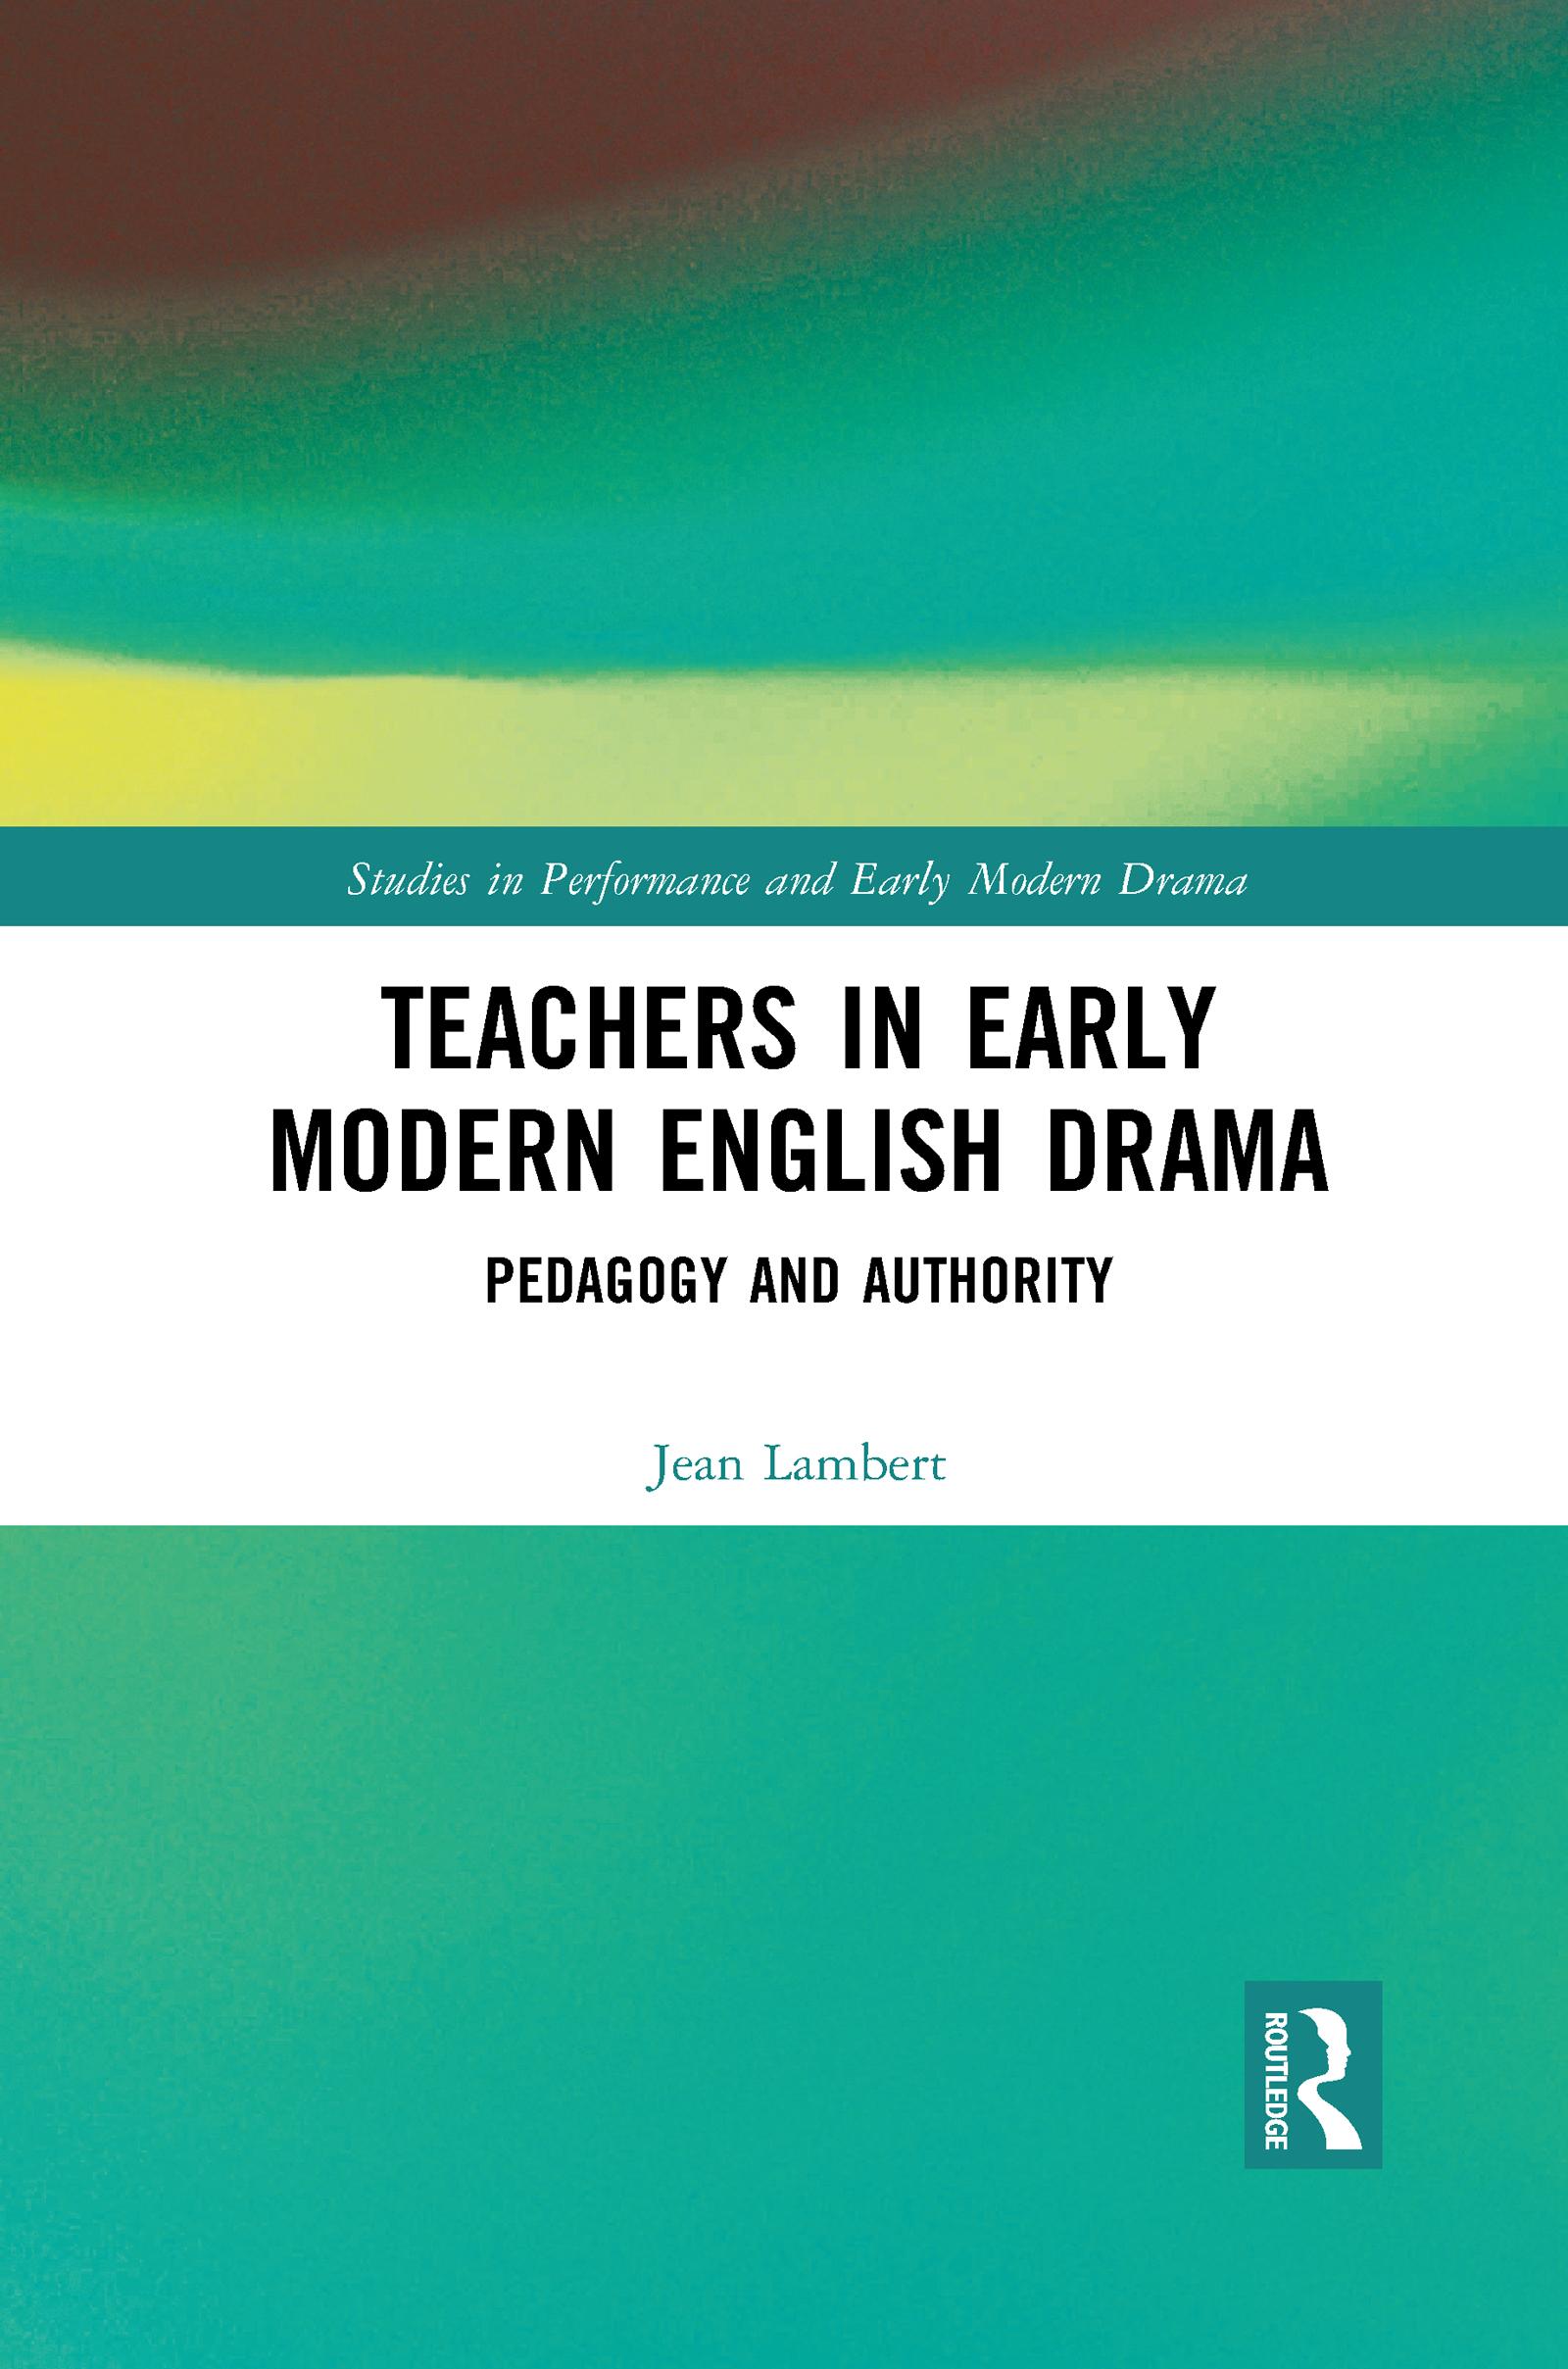 Teachers in Early Modern English Drama